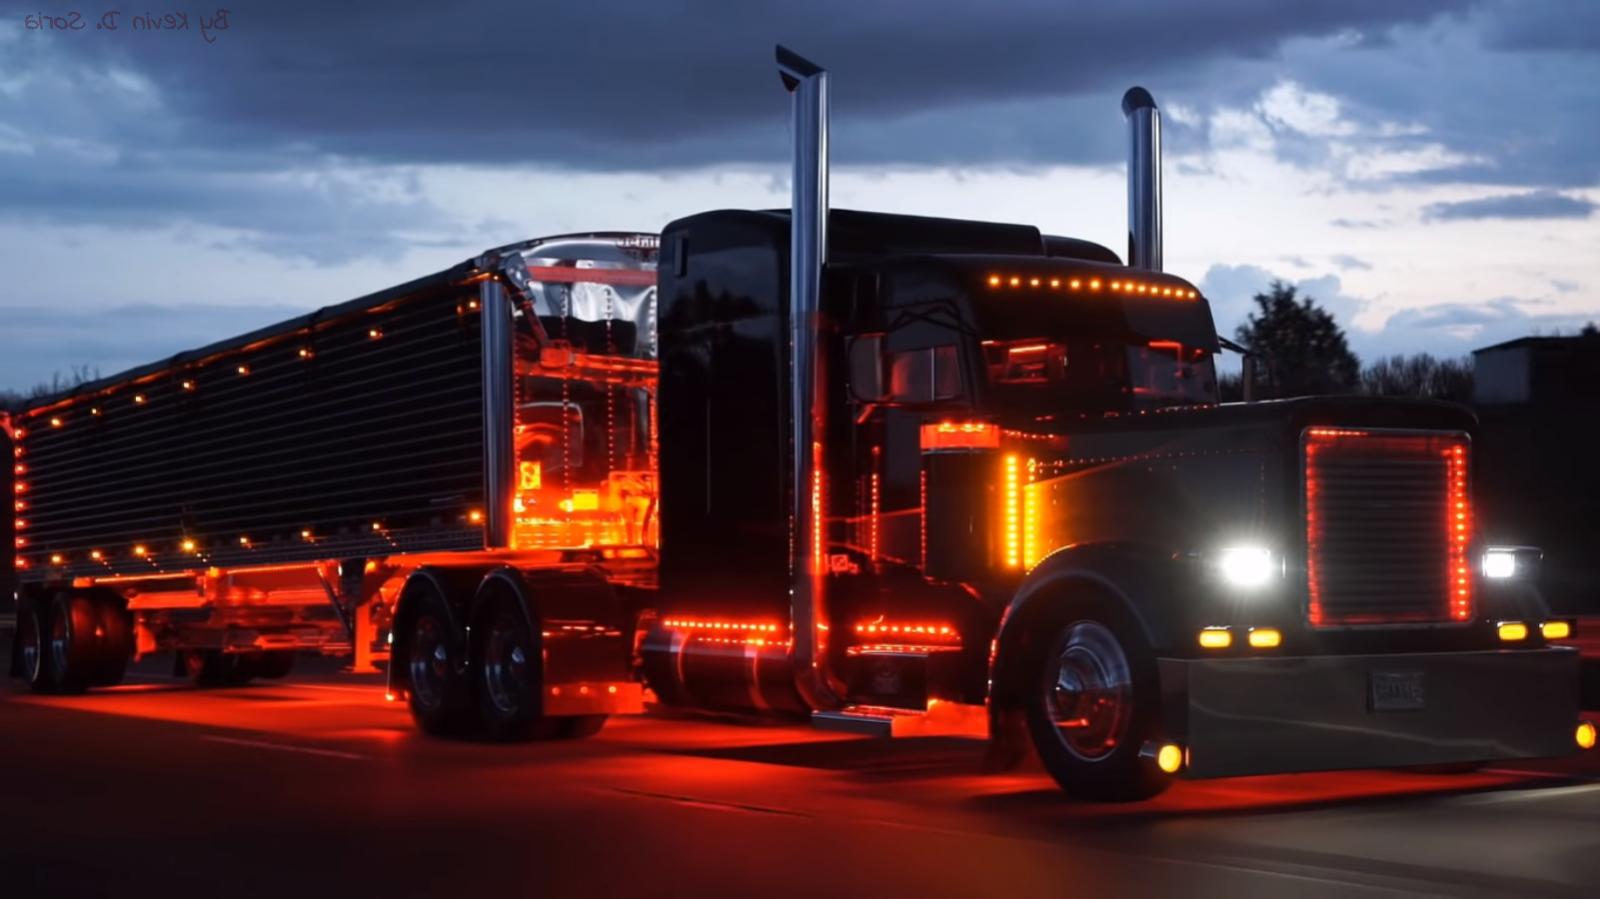 Сколько тонн в грузовой машине?